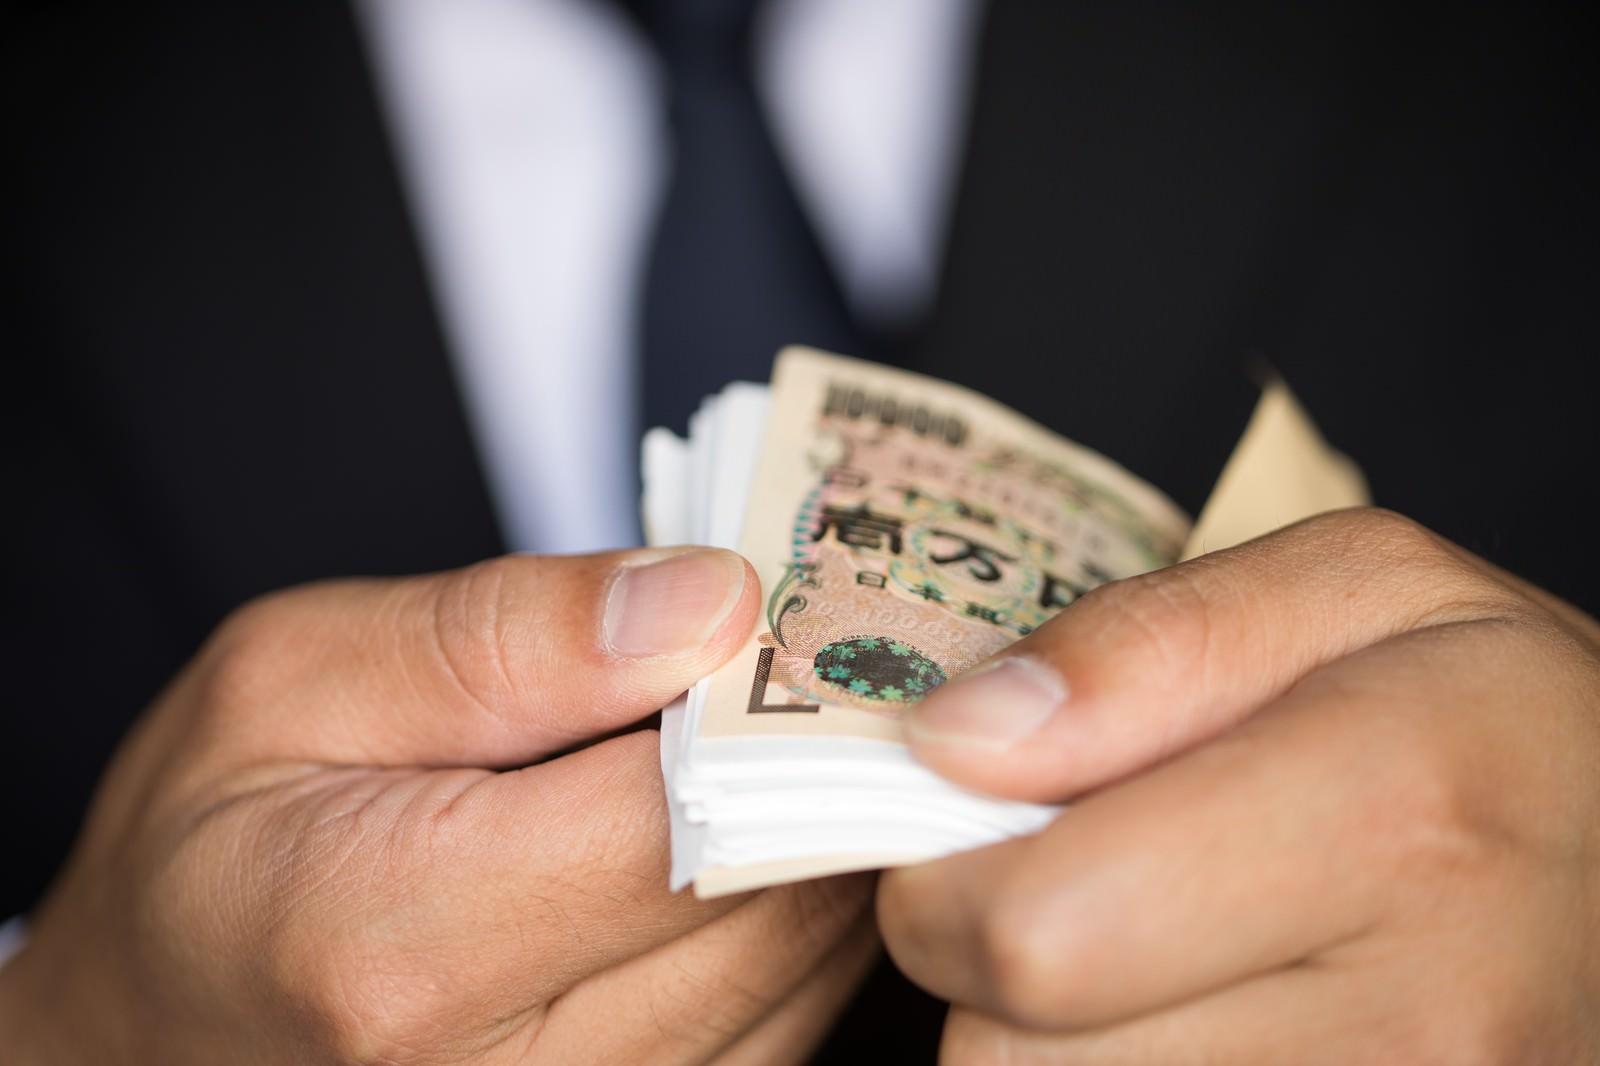 「封筒から取り出した1万円札の束が明らかに偽装されていた」の写真